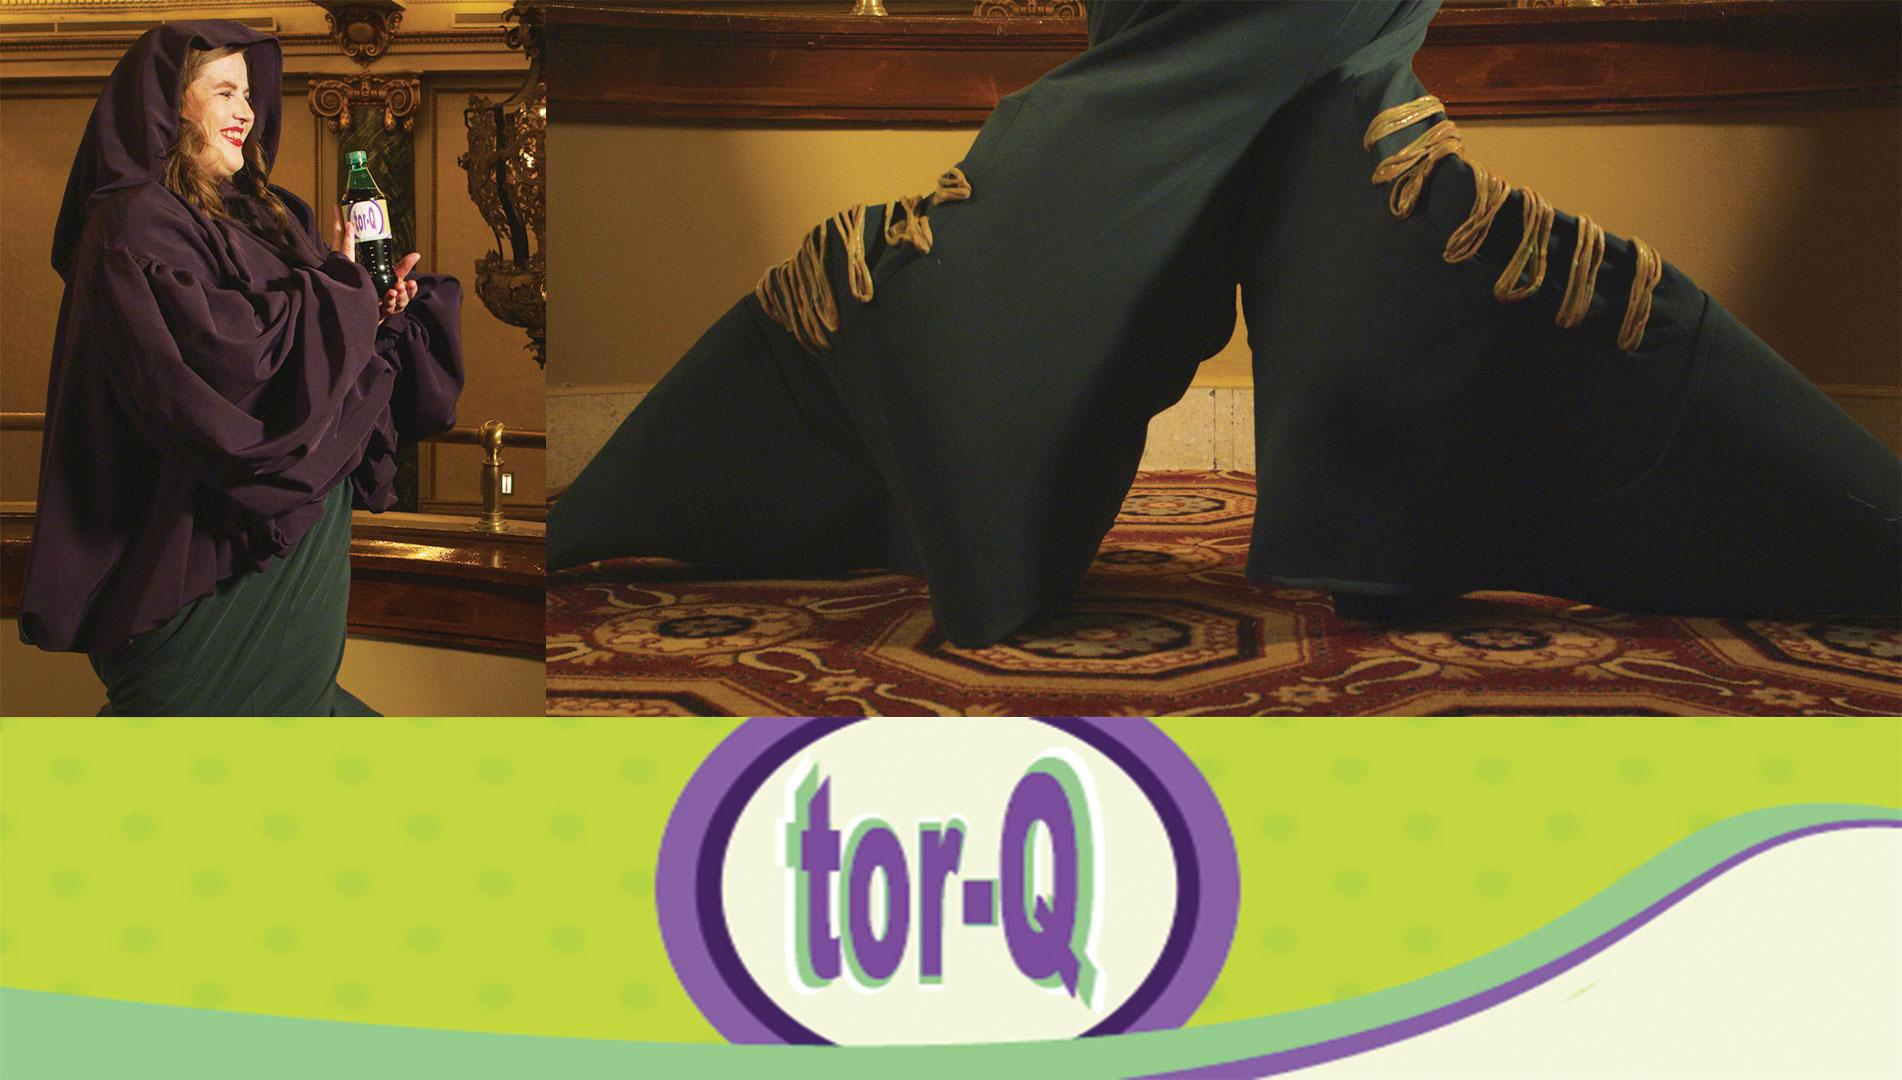 Tara Froehlich - tor-Q 2020's